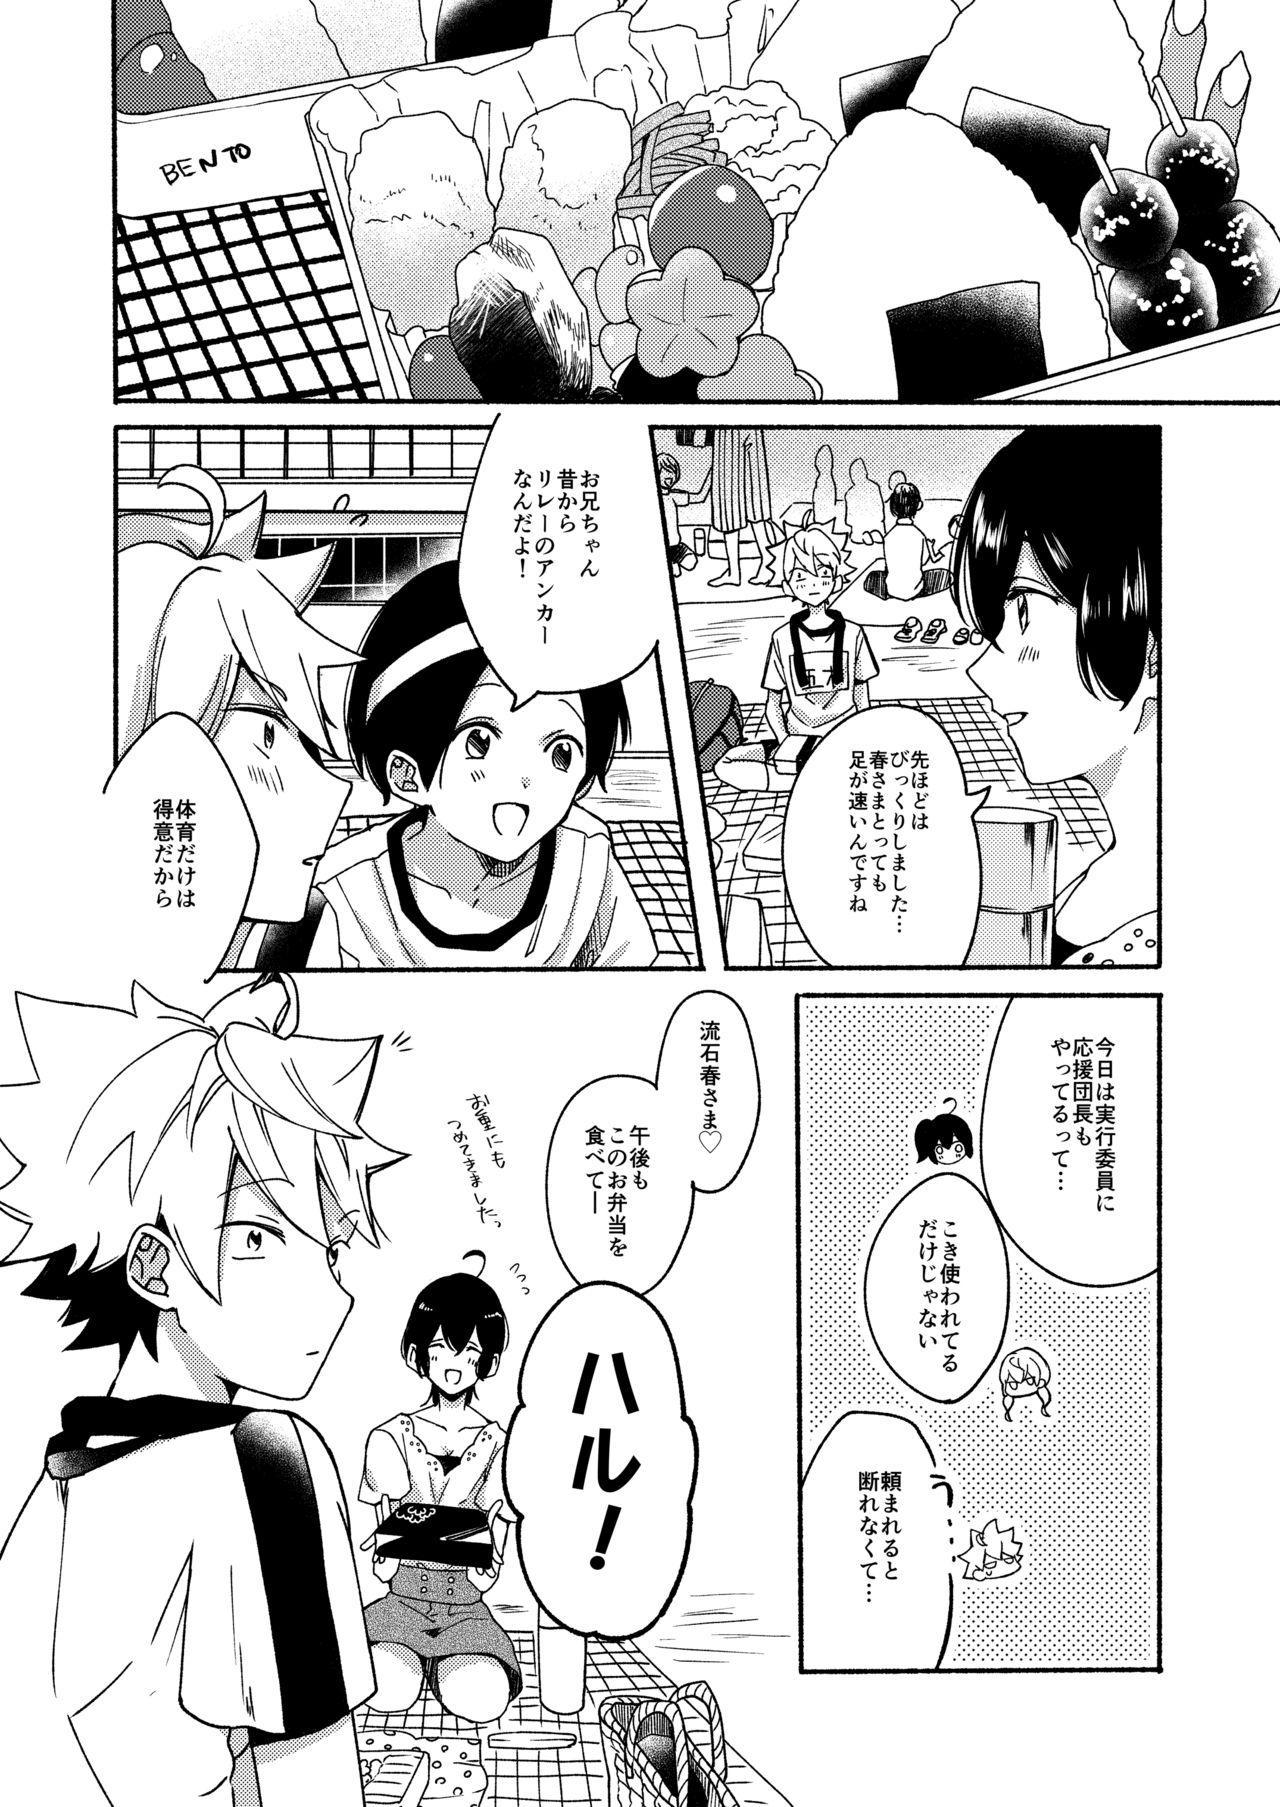 Onee-chan to Boku no Kaihatsu Seikatsu 2 4